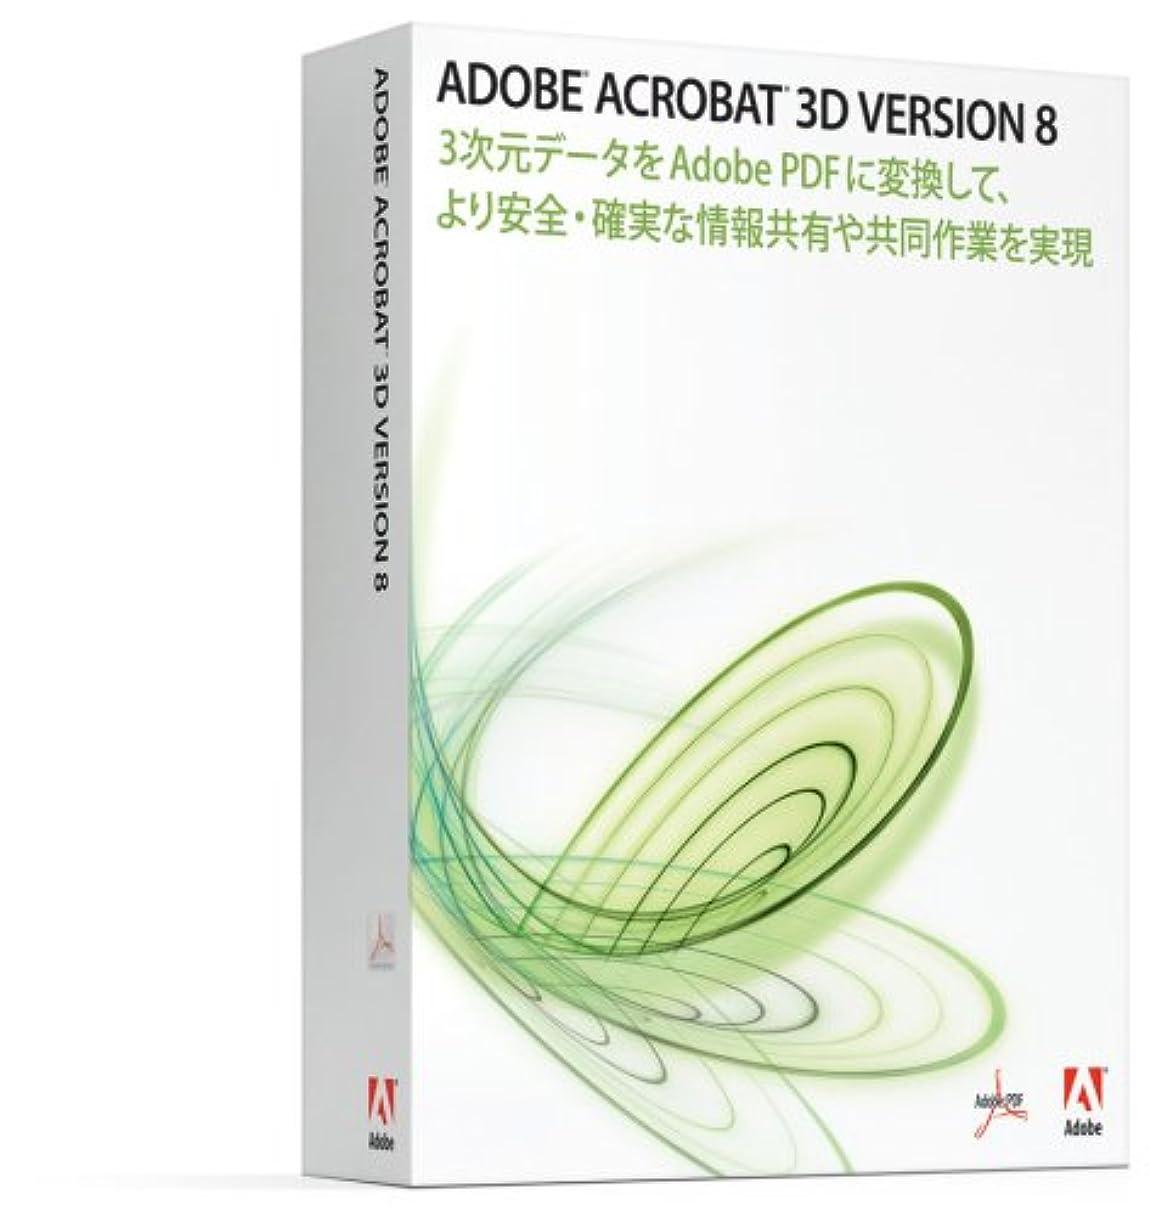 落胆する摂氏意図的Adobe Acrobat 3D 8.0 日本語版 アップグレード版 Windows版